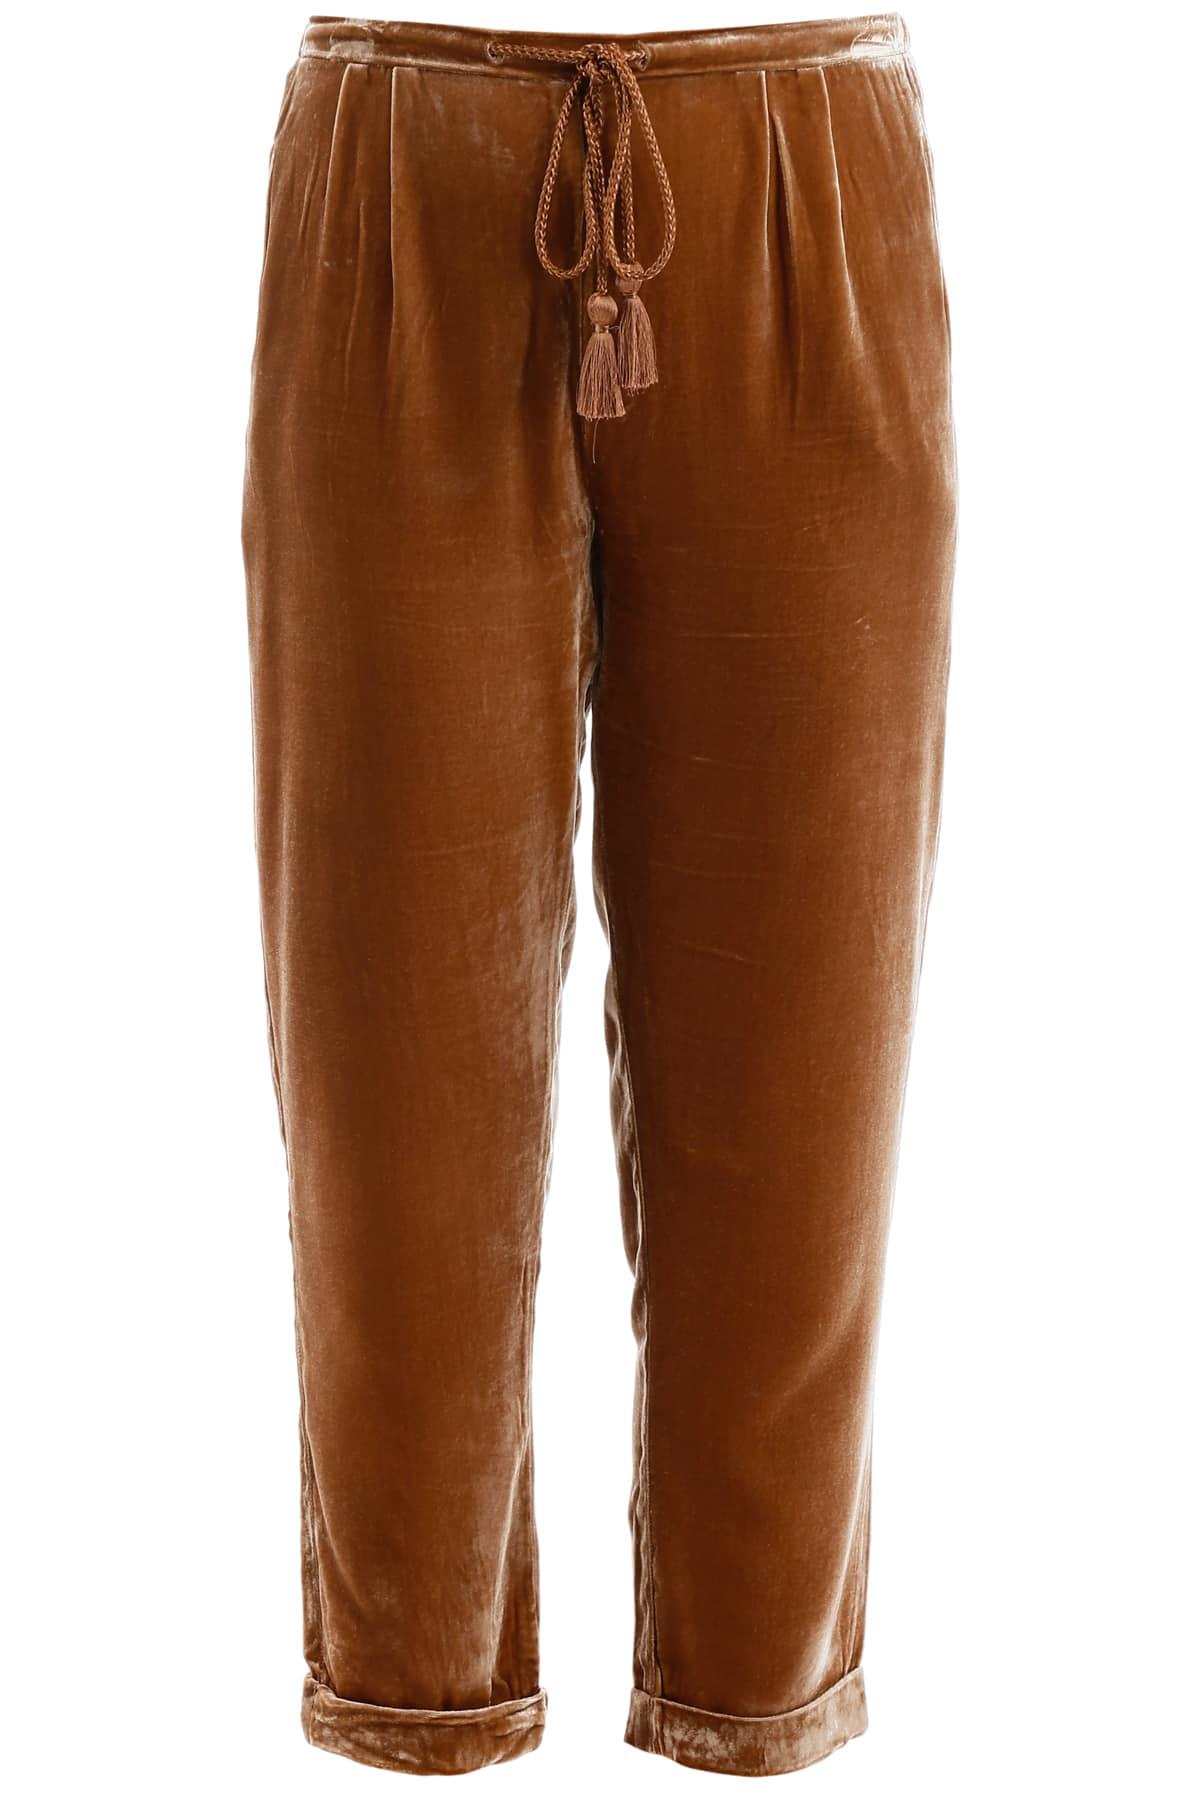 MES DEMOISELLES SPAY TROUSERS 36 Brown, Beige Silk